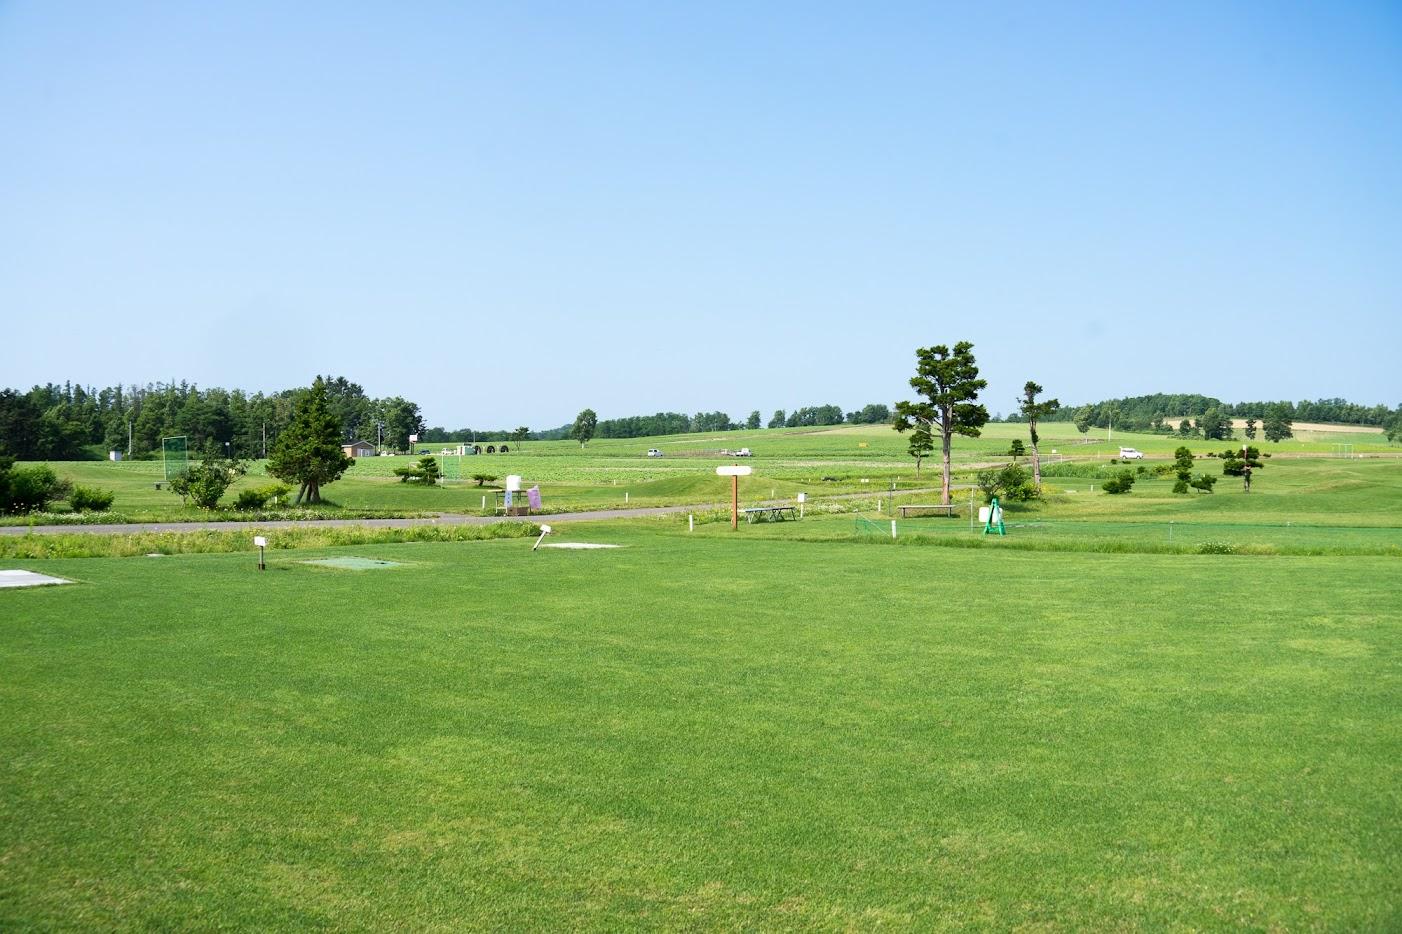 緑濃い北竜町ひまわりパークゴルフ場